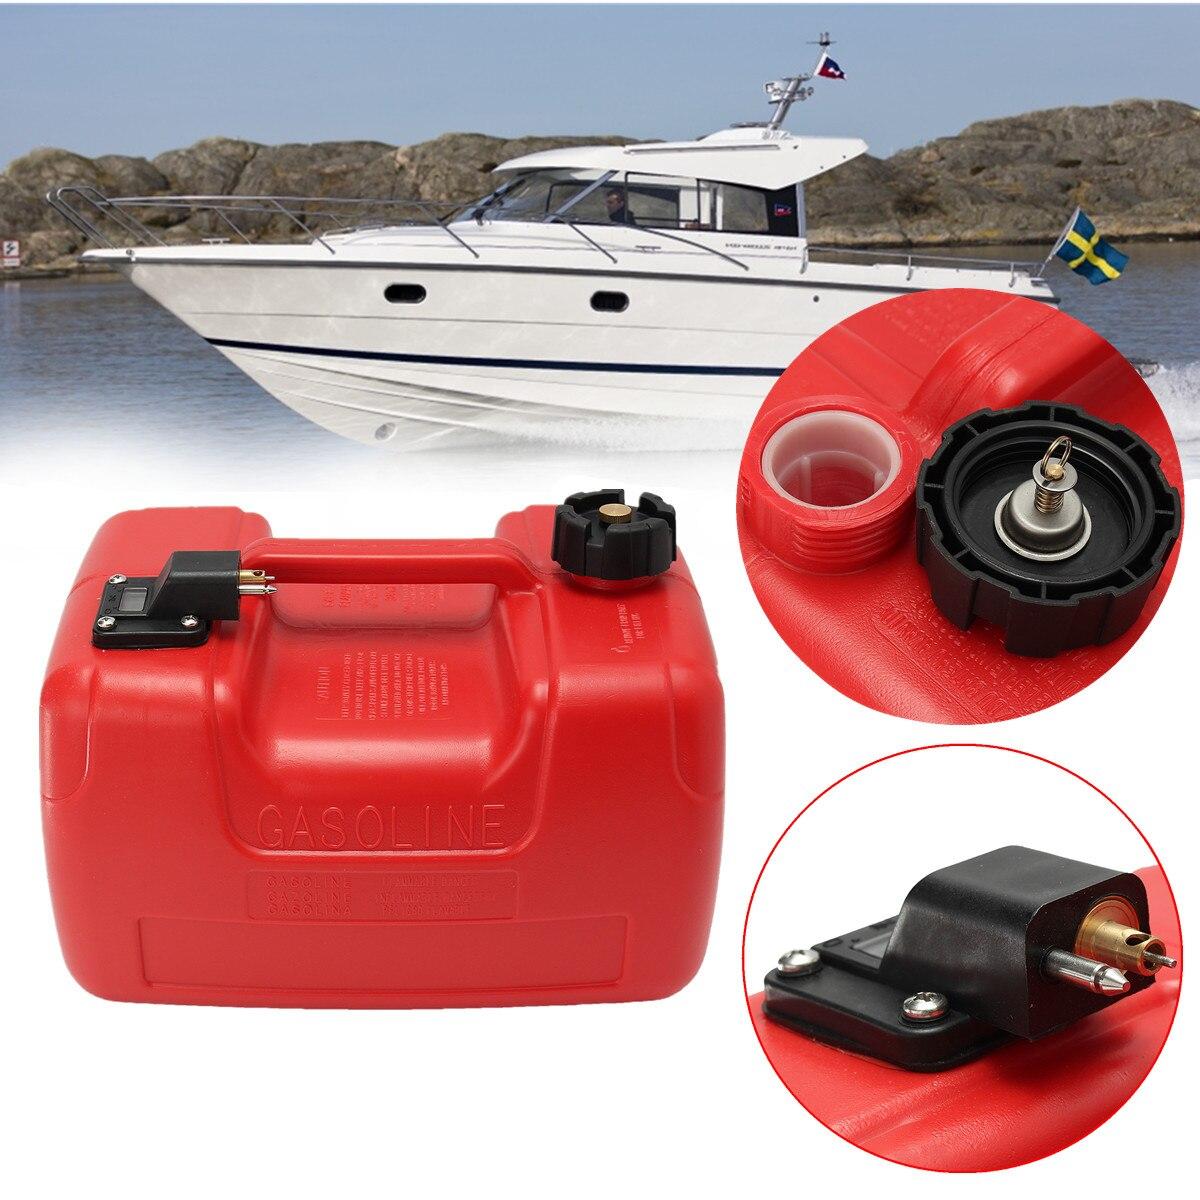 12L Portable Bateau Yacht Moteur Hors-Bord Marine Boîte D'huile Du Réservoir de Carburant Avec Connecteur Rouge En Plastique résistant à La Corrosion Anti- statique